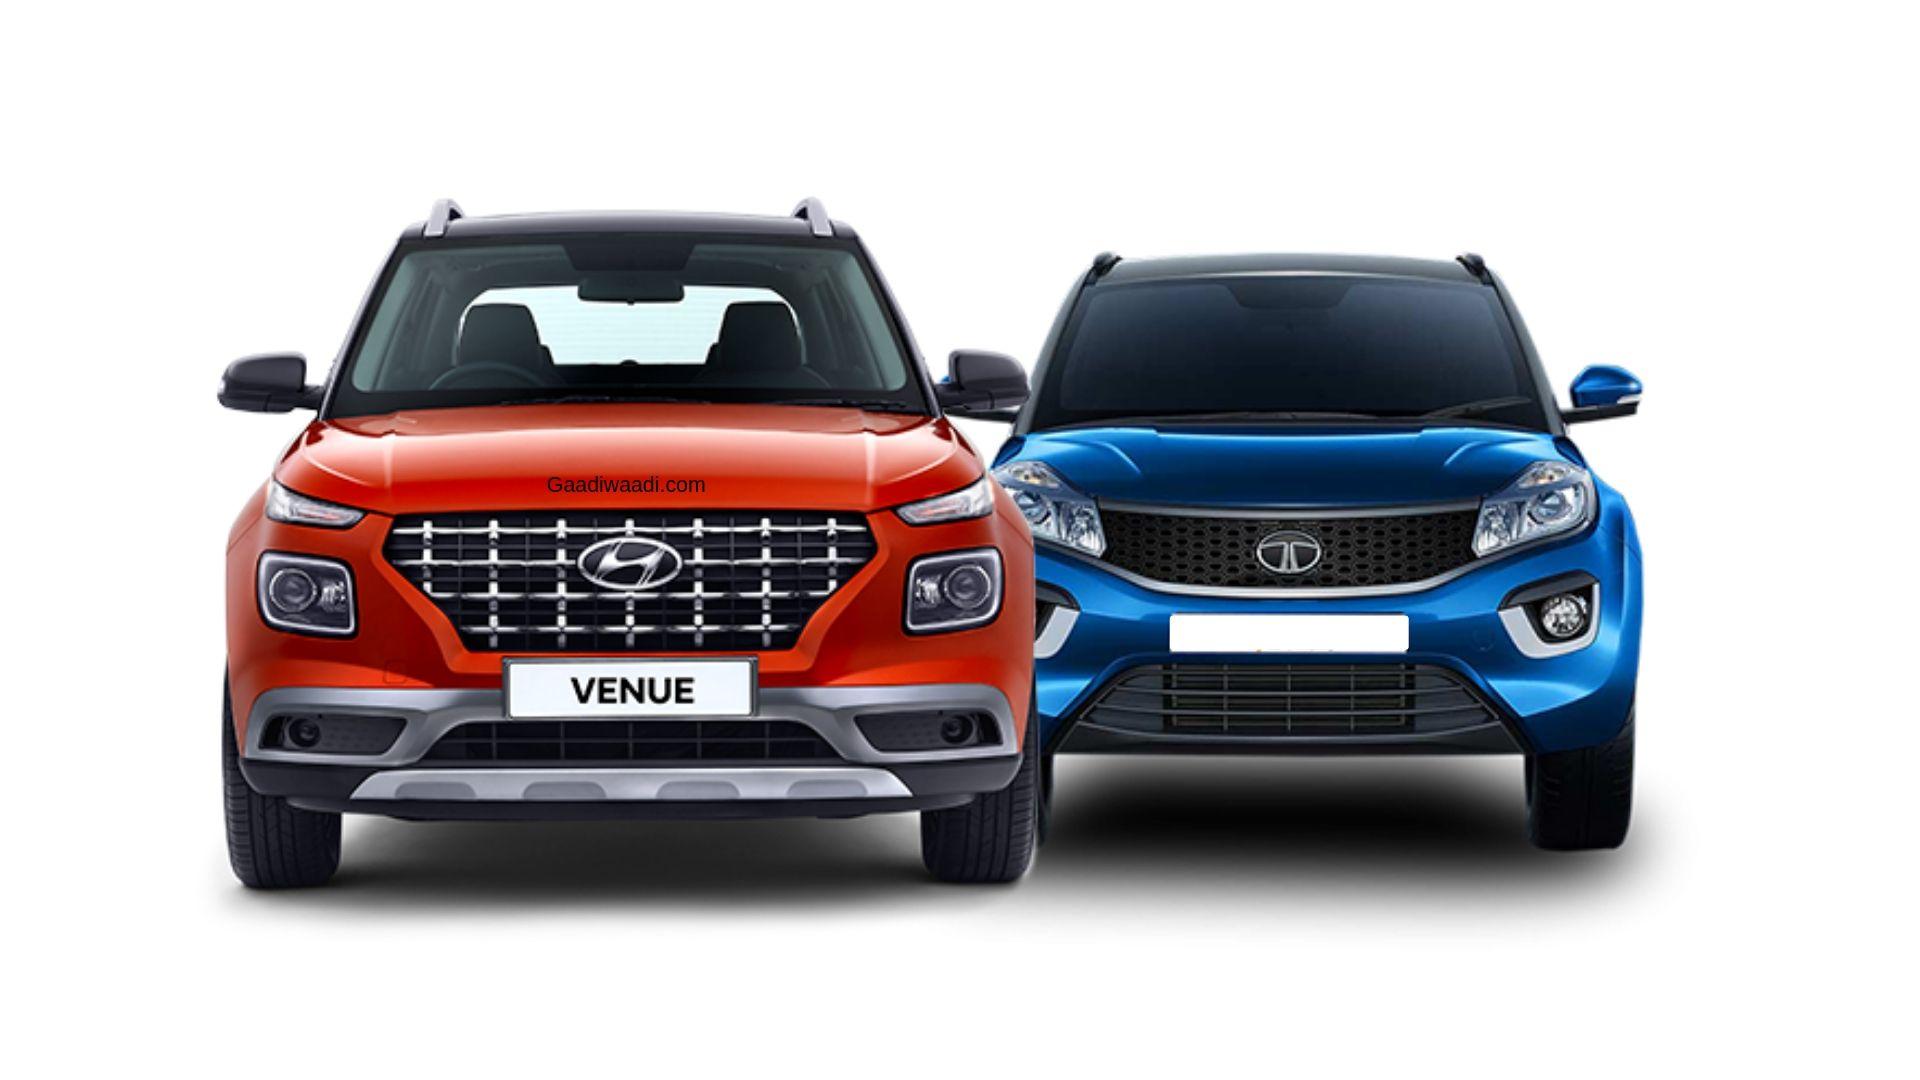 Hyundai Venue Vs Tata Nexon Dimensions And Engine Comparison